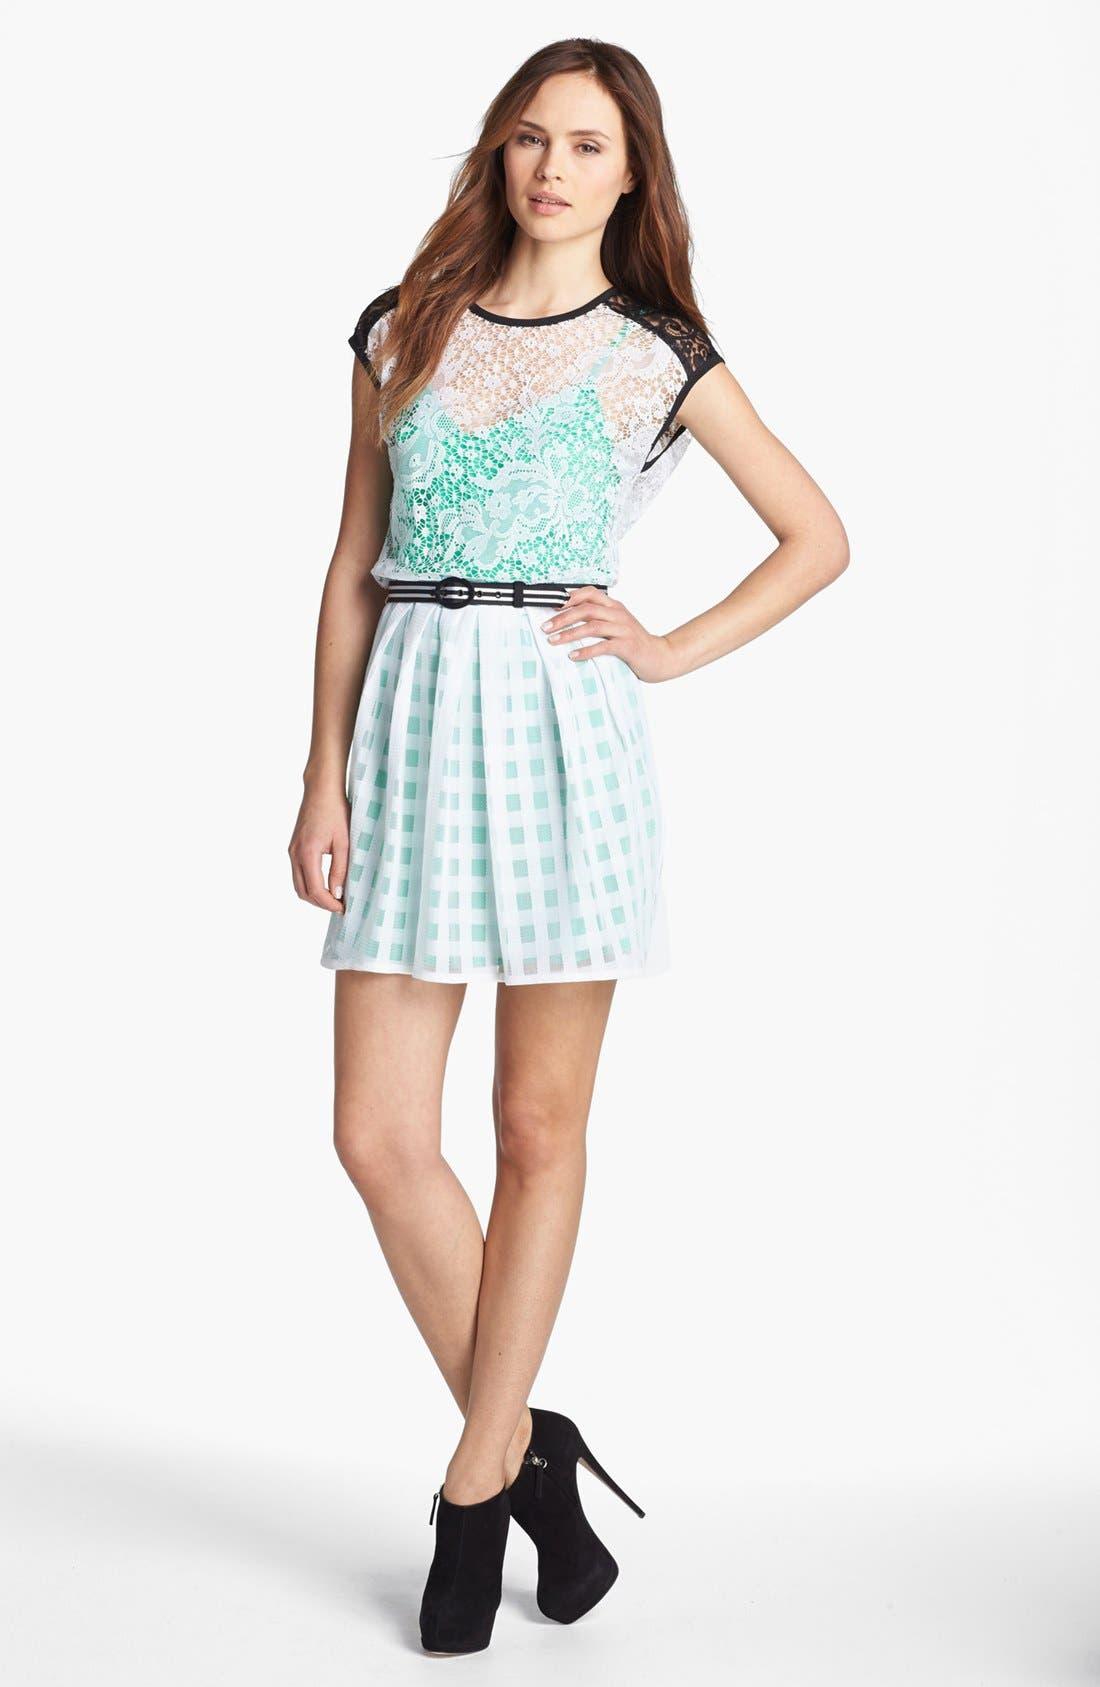 Main Image - Nanette Lepore 'Just Dance' Lace Blouson Dress